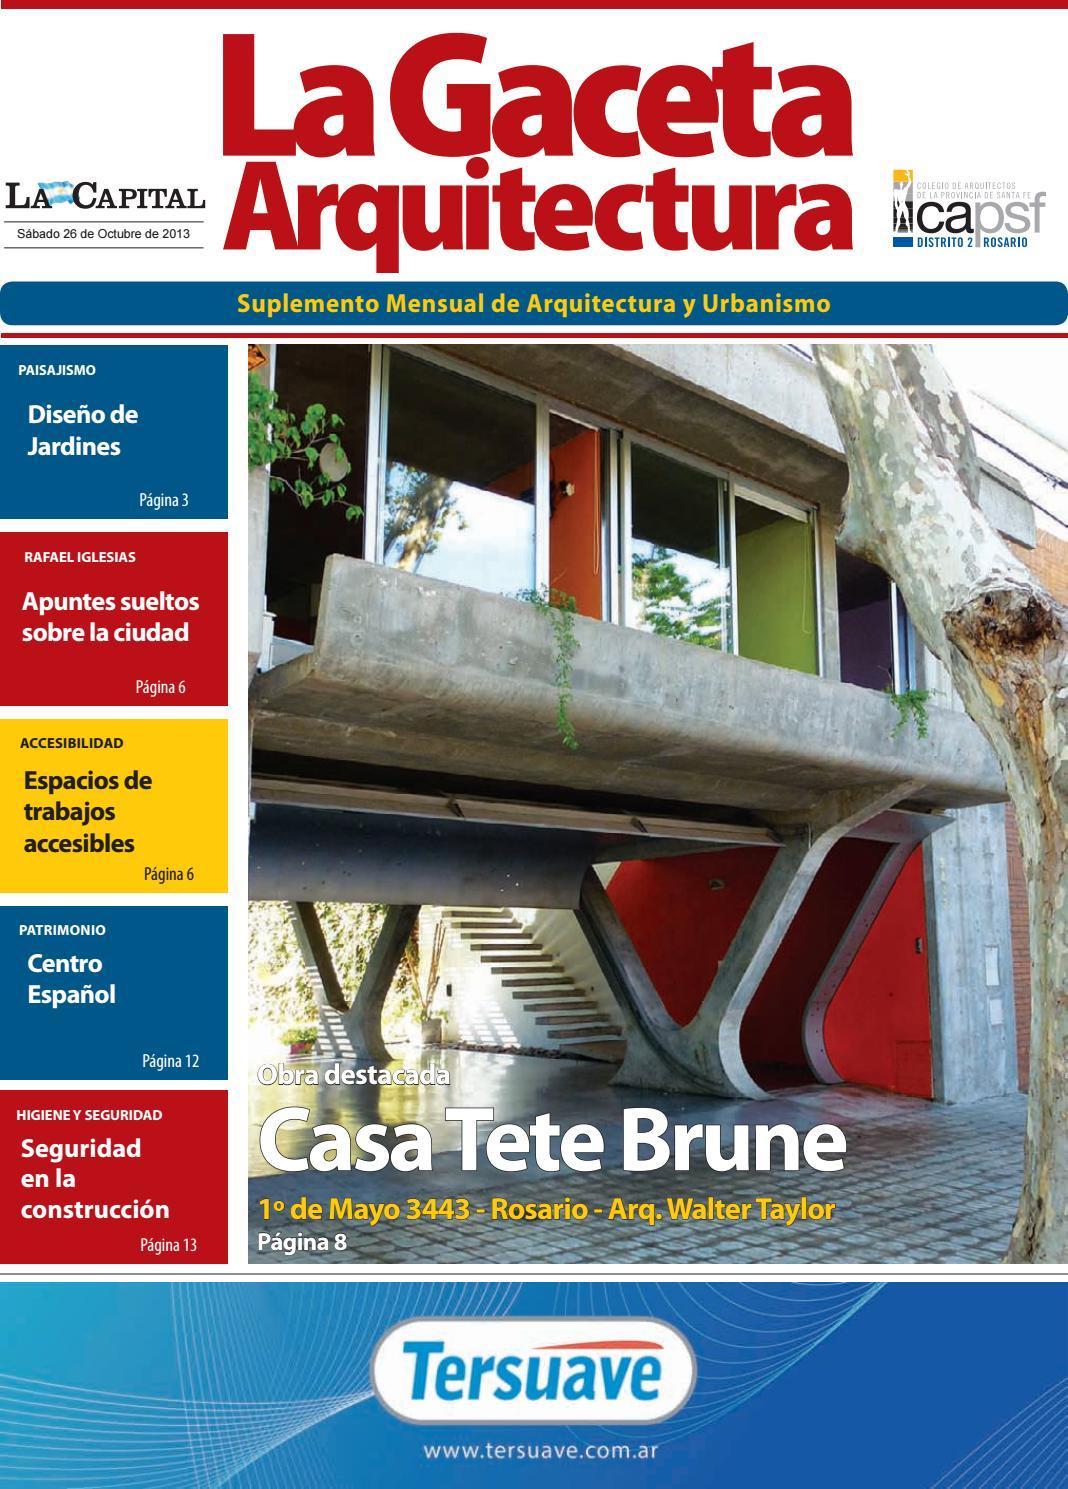 Suplemento mensual de Arquitectura y Urbanismo by cad2rosario - issuu